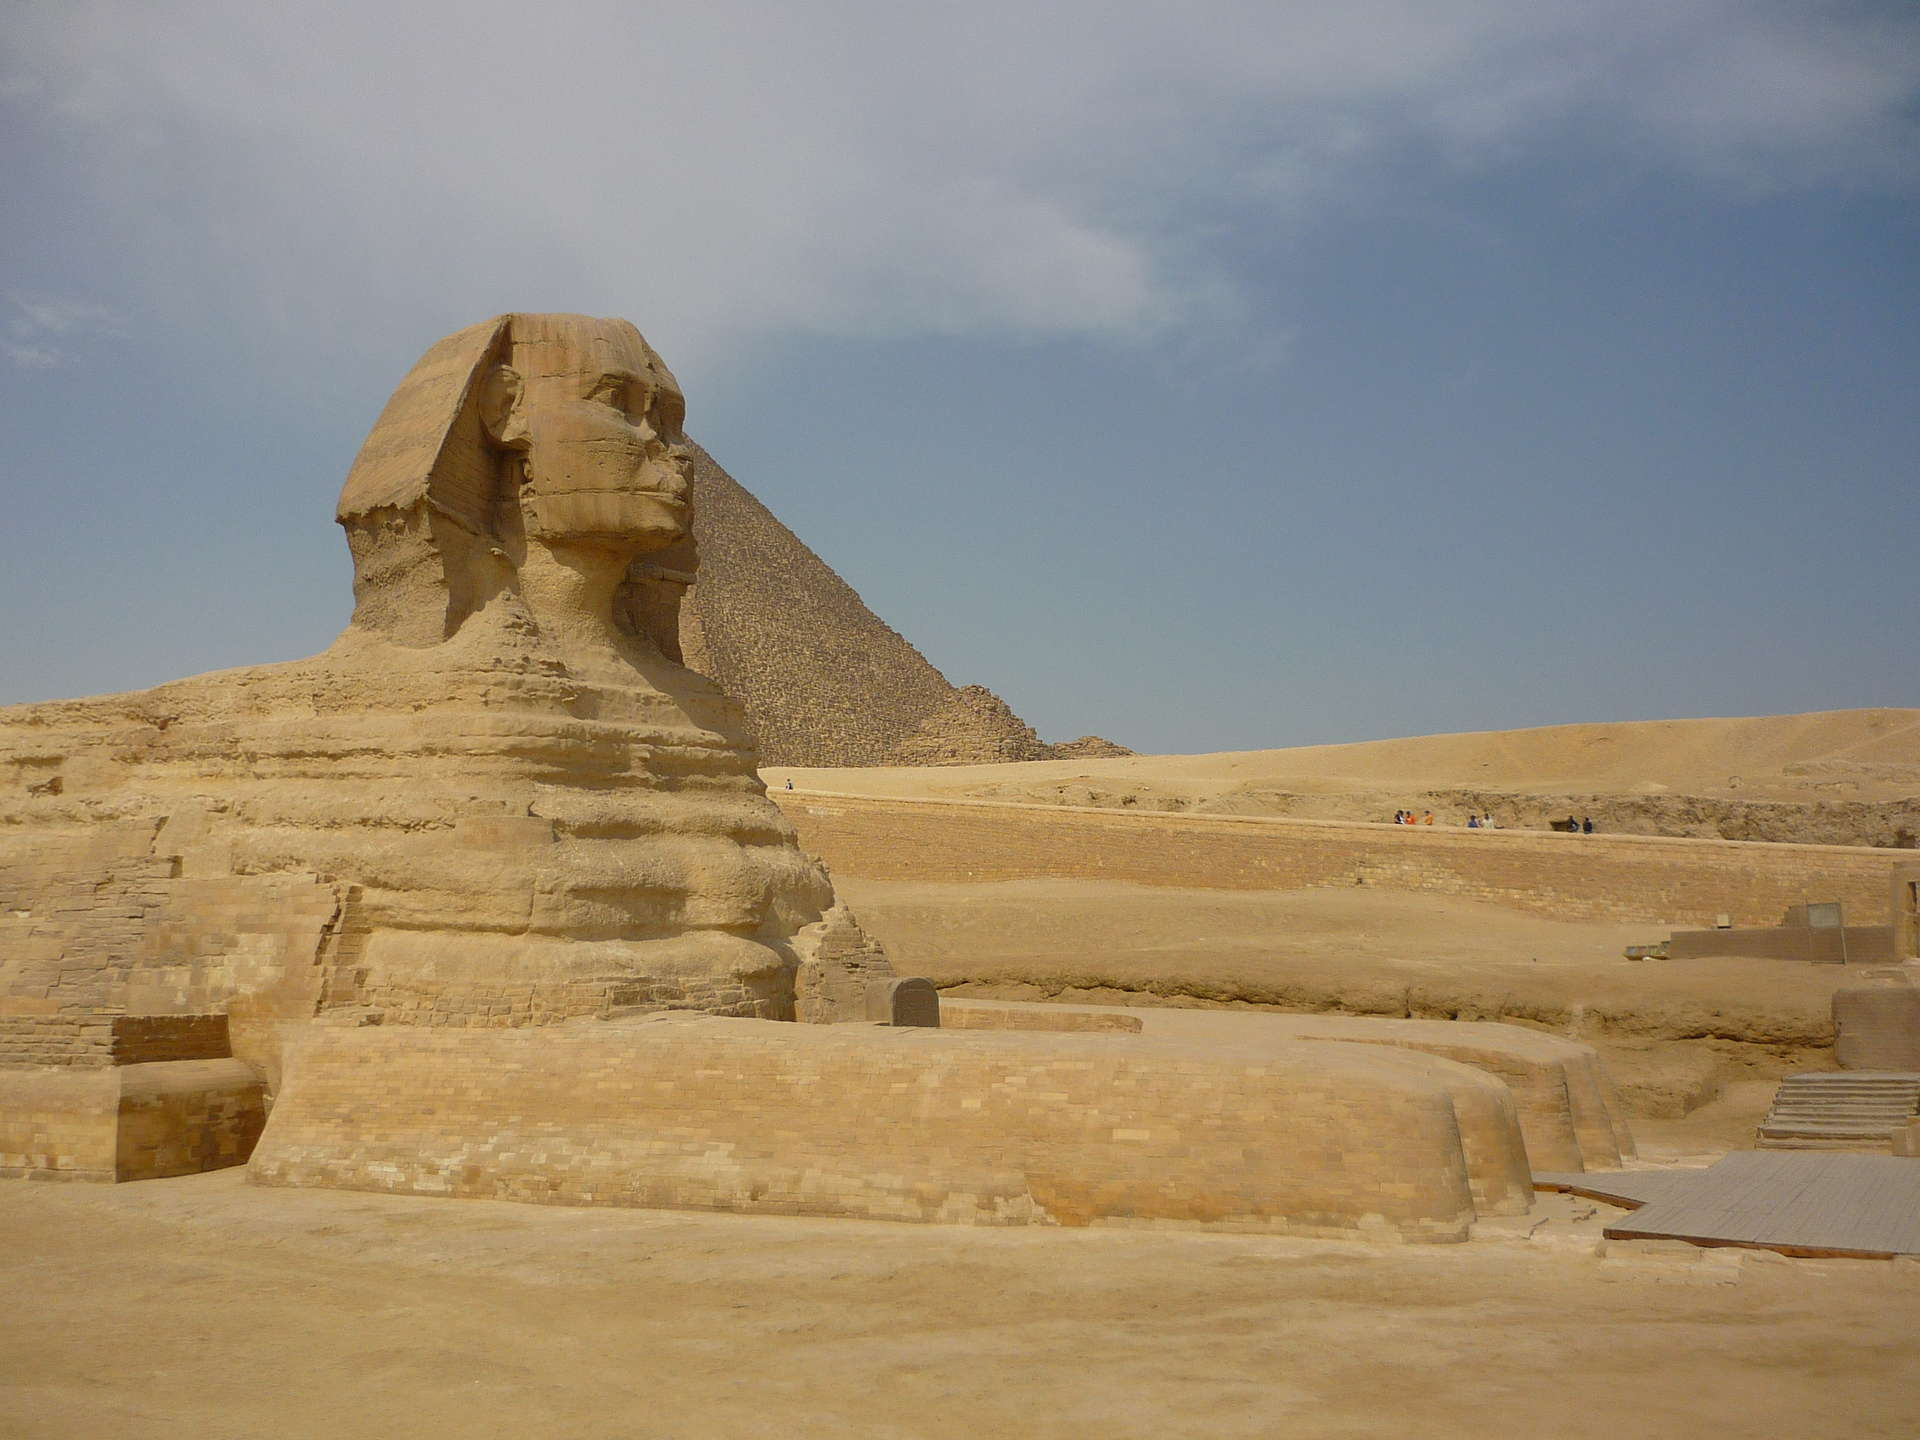 viajes beagle egipto semana santa 2019